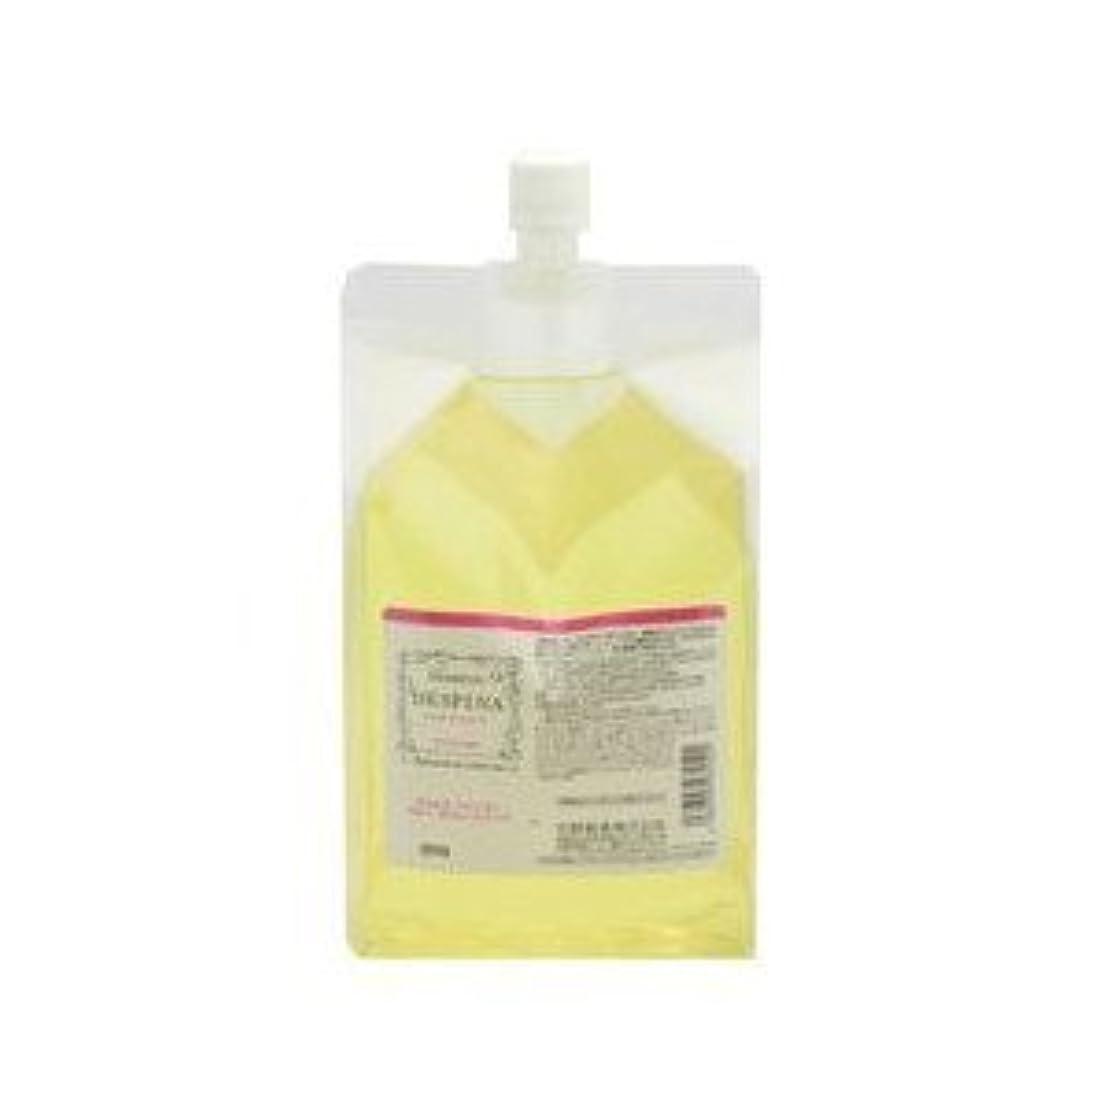 ビーズインセンティブクック中野製薬 デスピナ シャンプー カラー ボリュームアップ 1500ml